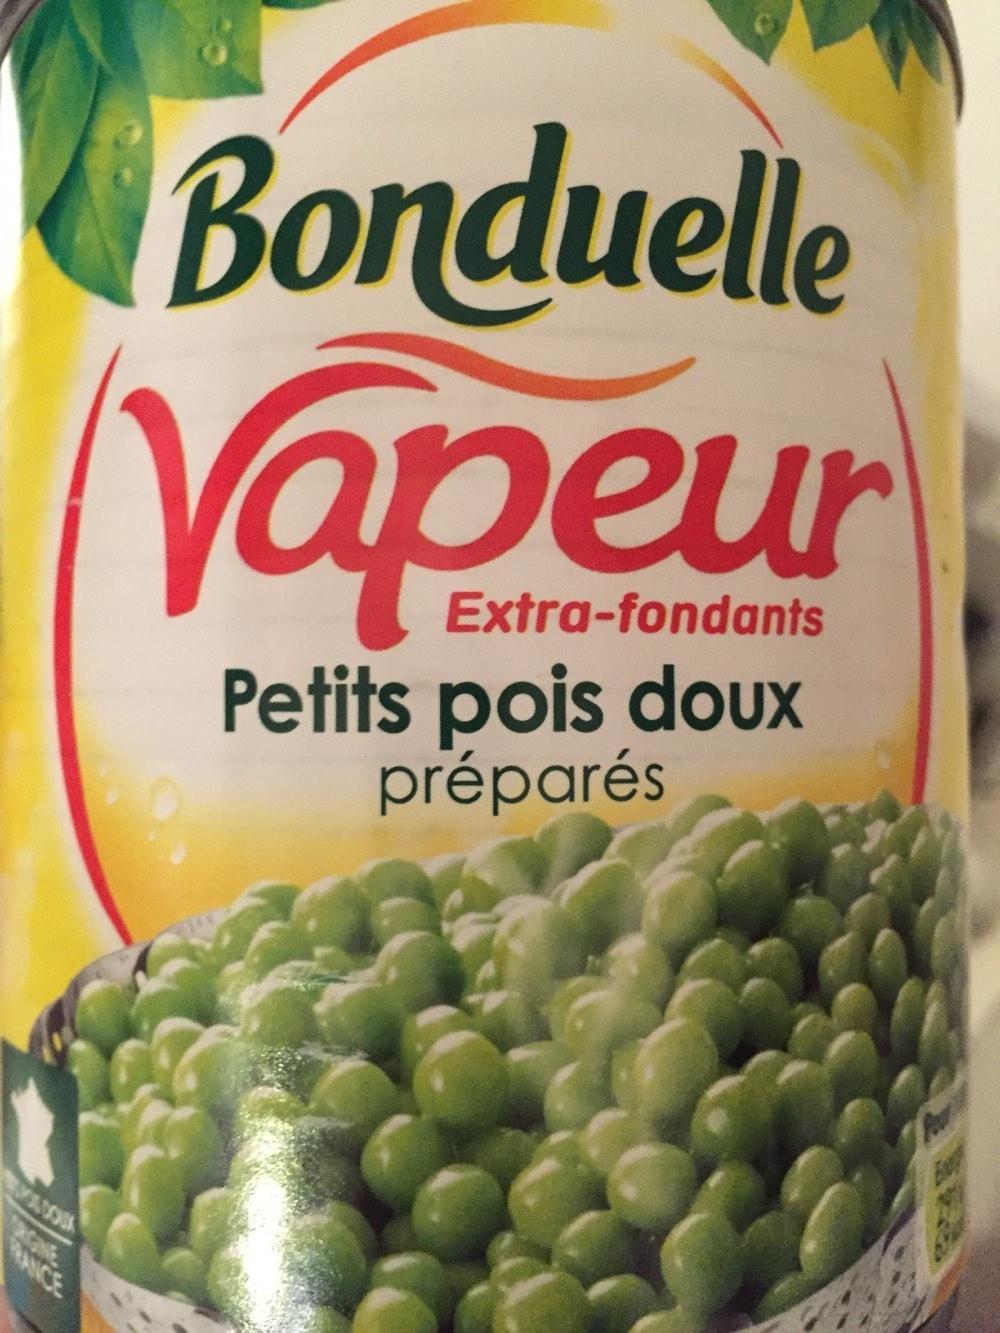 Vapeur Pois Doux Bonduelle - Produit